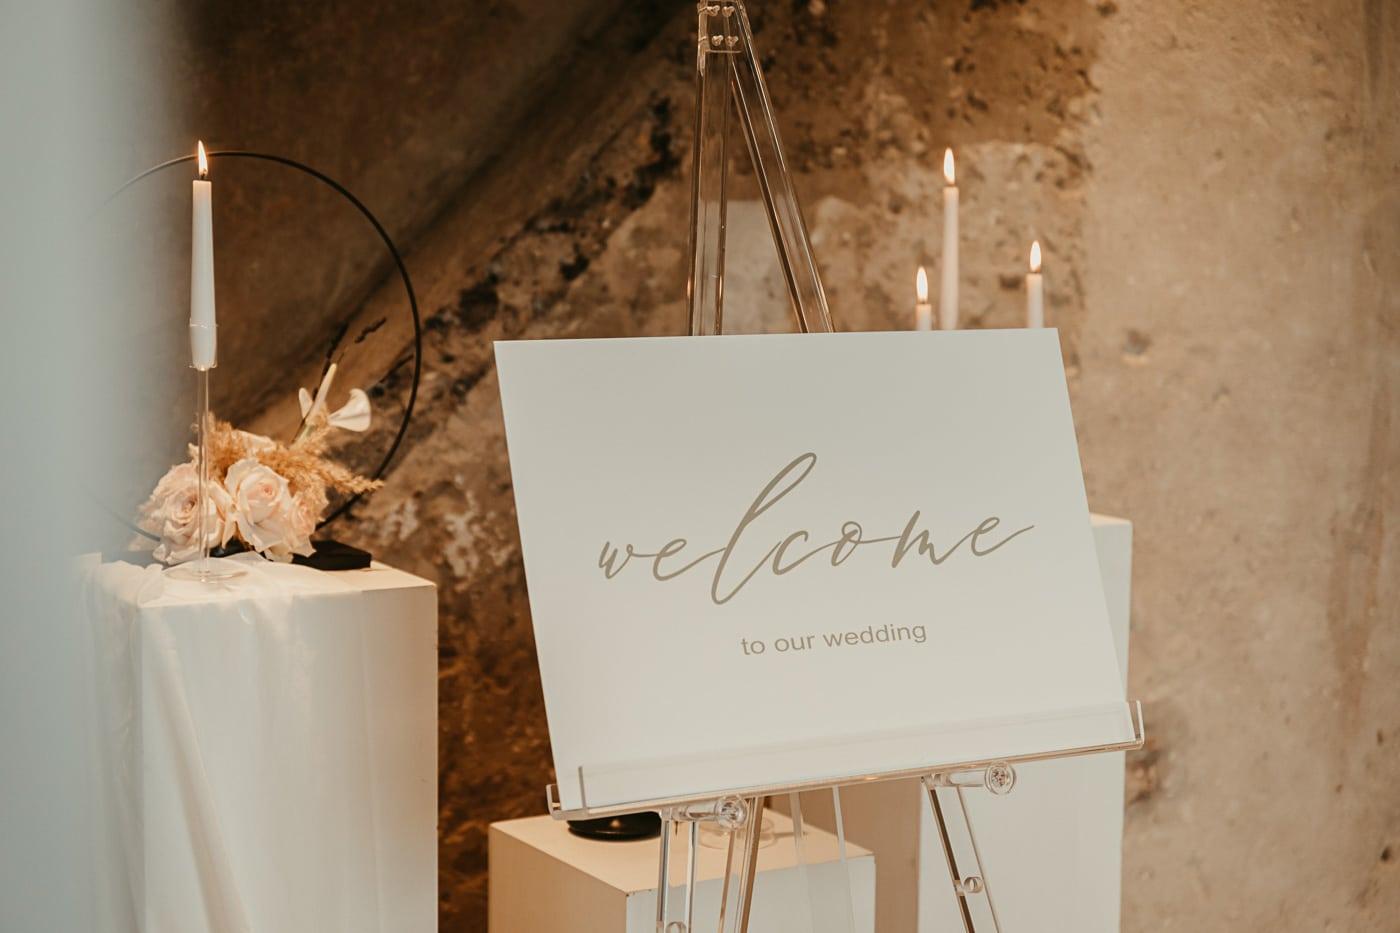 Willkommensschild, welcome, wedding, weddingdekoration, weddinginspiration, hochzeit, modernehochzeit, trend2021, hochzeitstrends2021